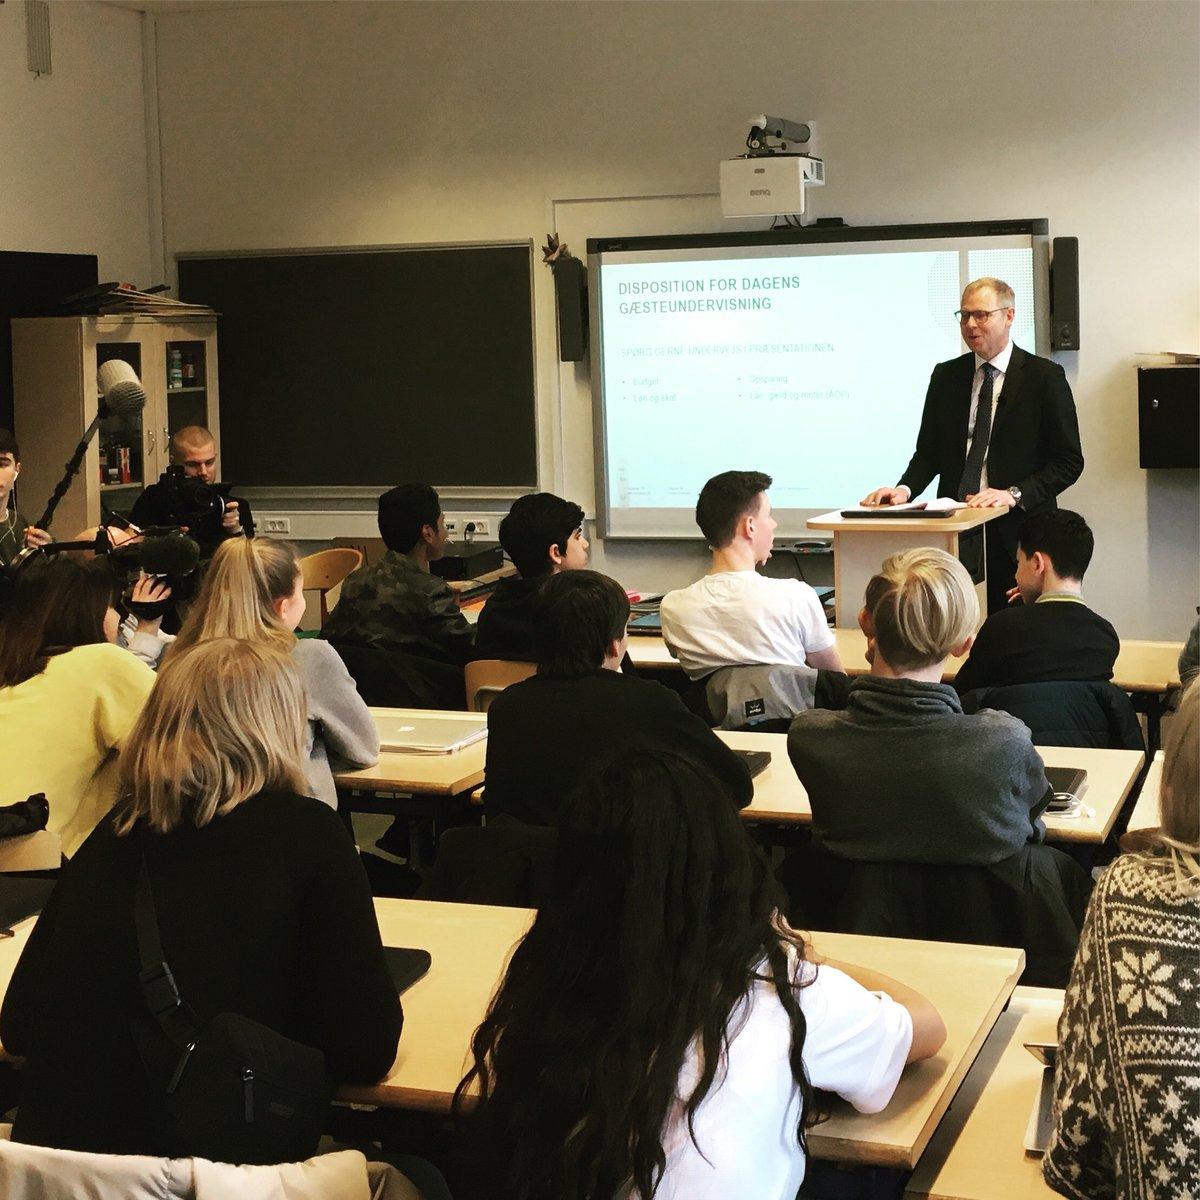 Michael Rasmussen, formand @finansdanmark og CEO @nykredit, gæsteunderviser 8B på Nymarkskolen i Slagelse. 👨🎓👩🎓💰 #pengeuge #dkfinans #dkpol https://t.co/3kPDTOYG11